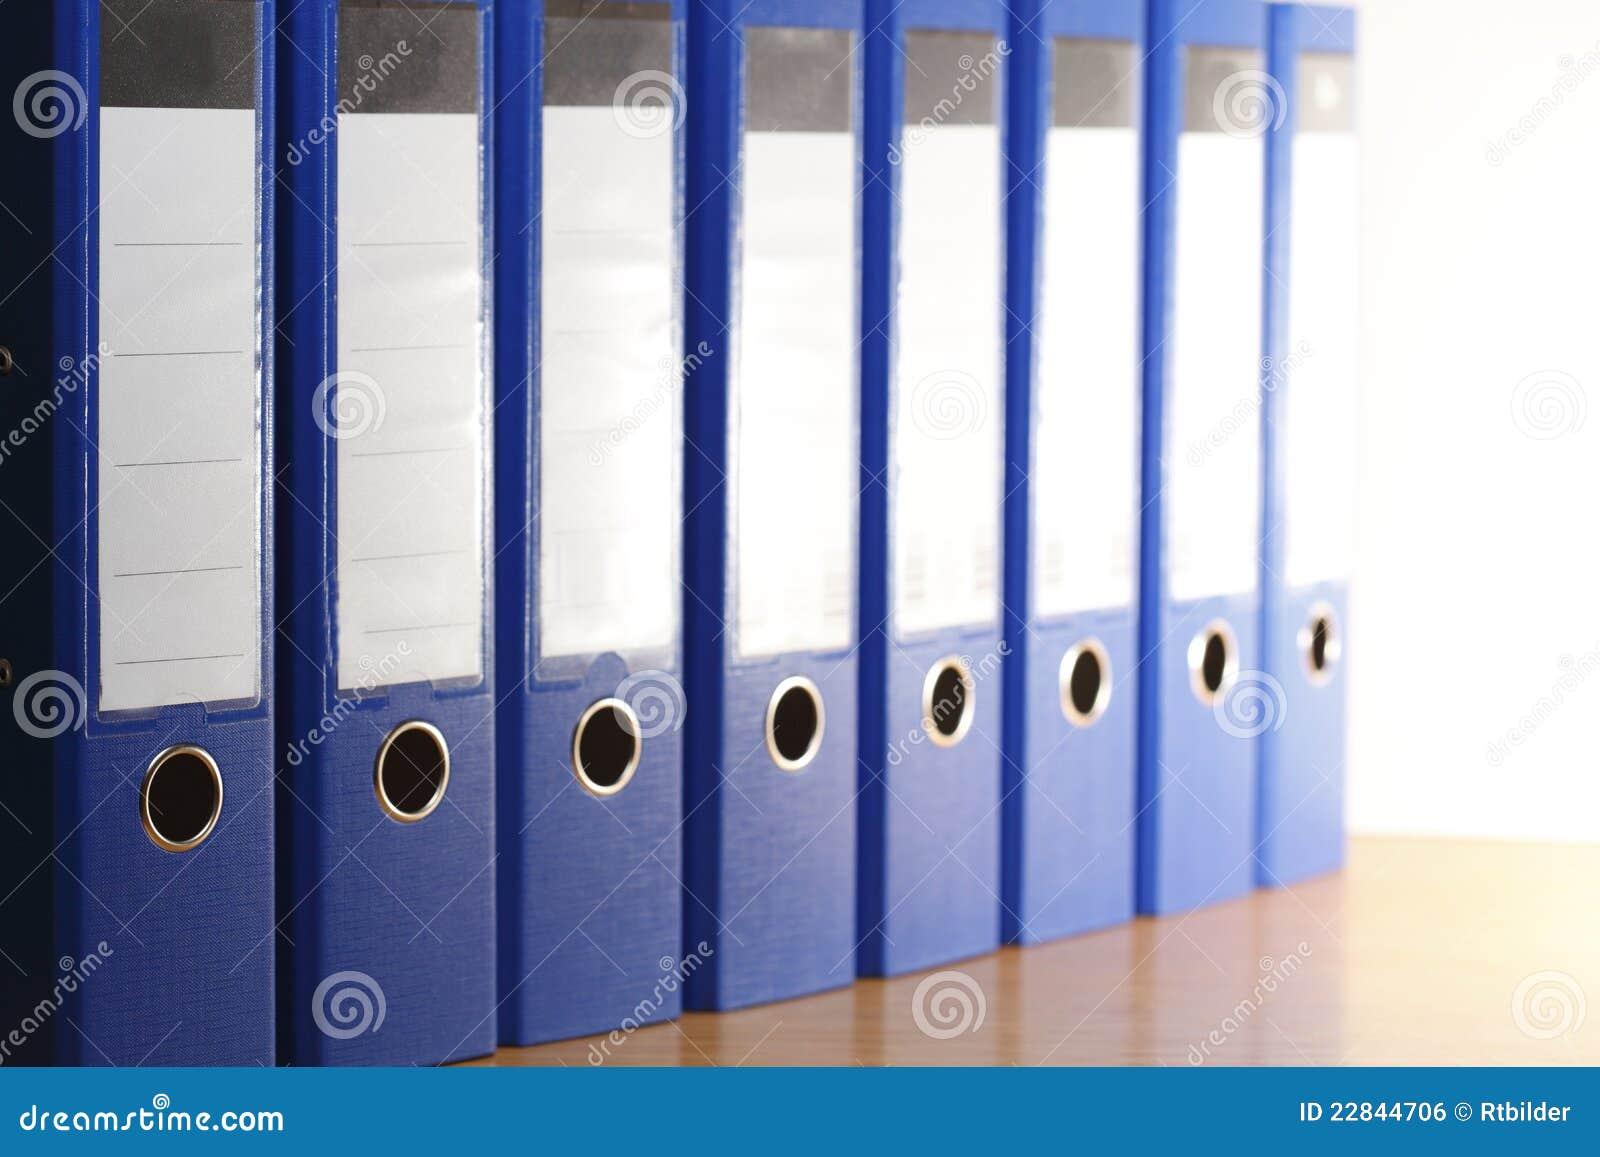 Blåa mappmappar